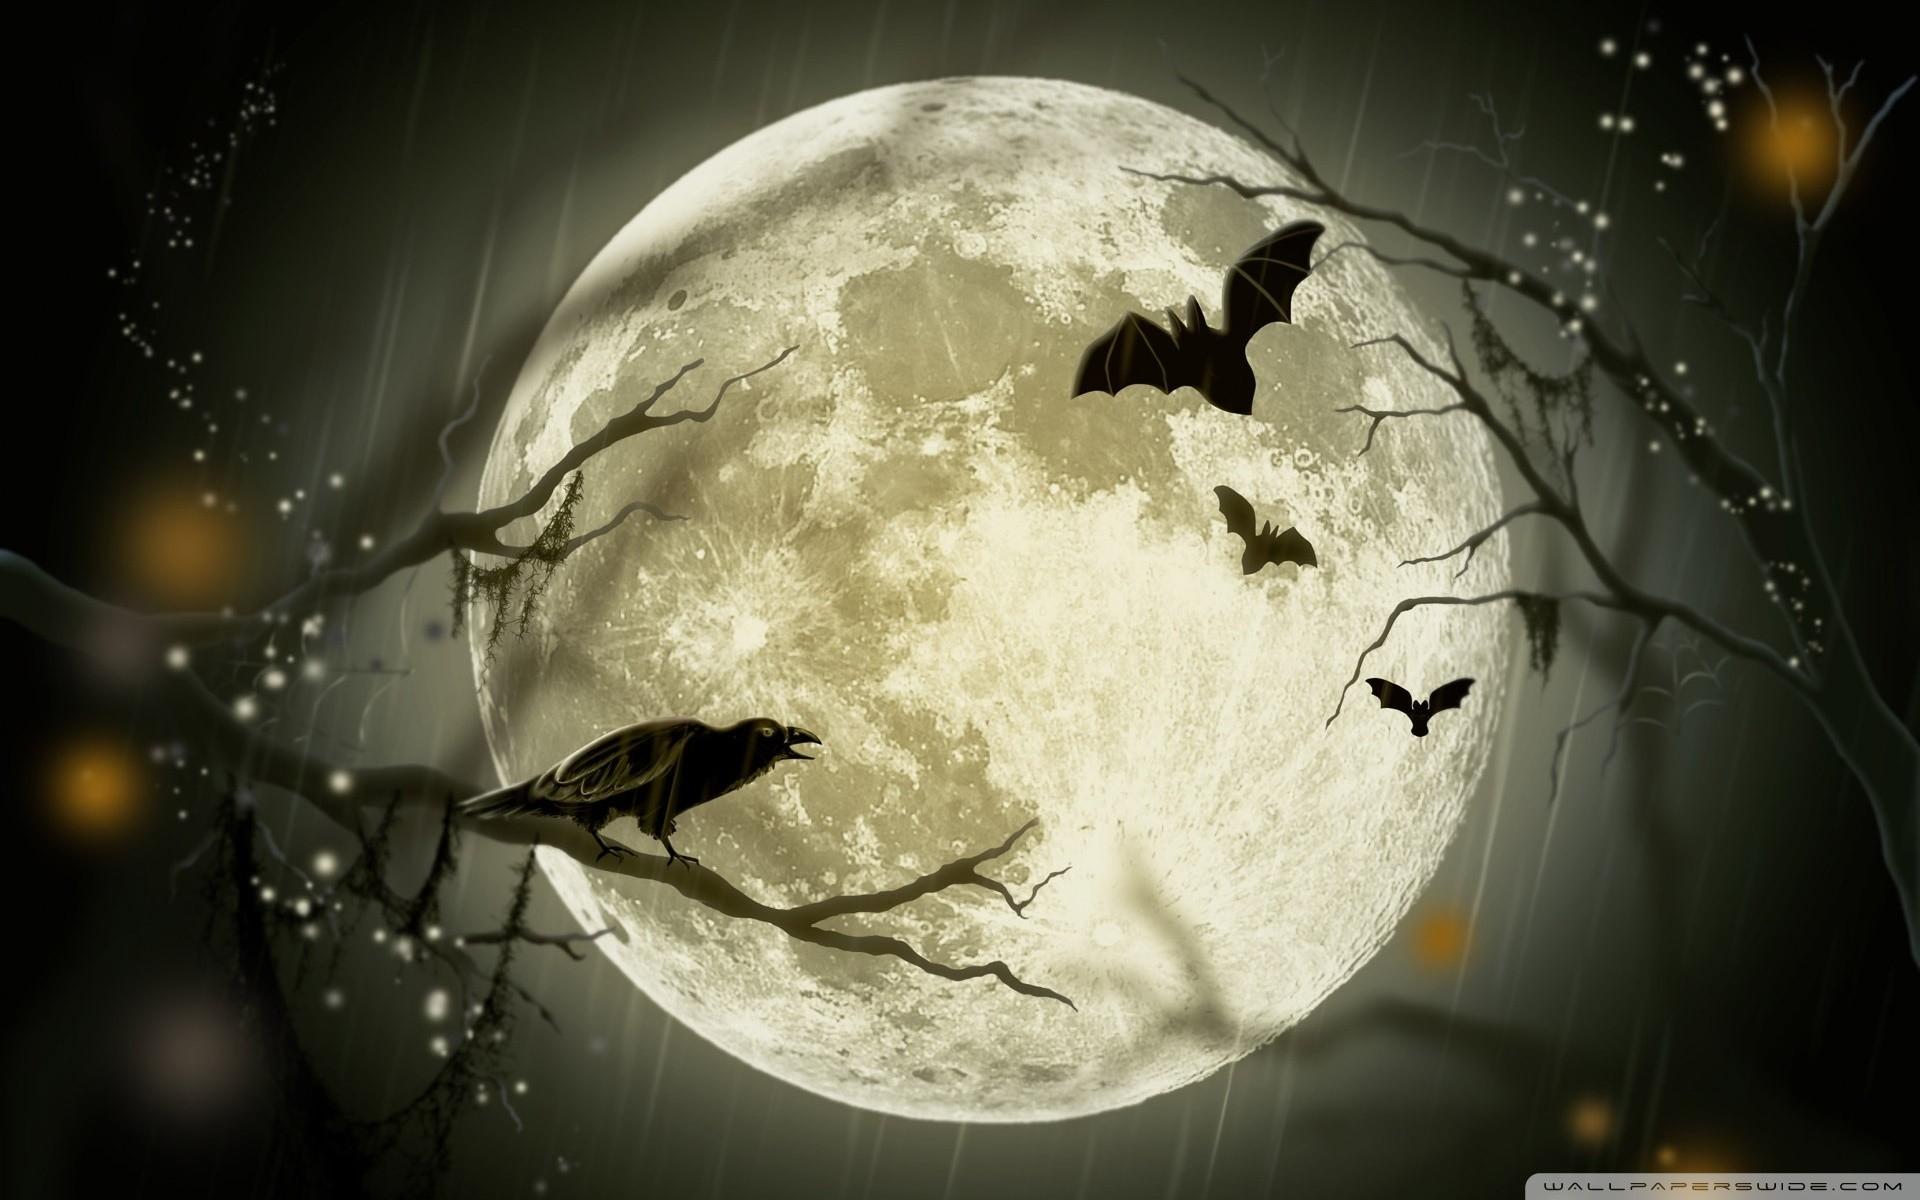 Halloween desktop wallpapers wallpapertag - Free widescreen halloween wallpaper ...